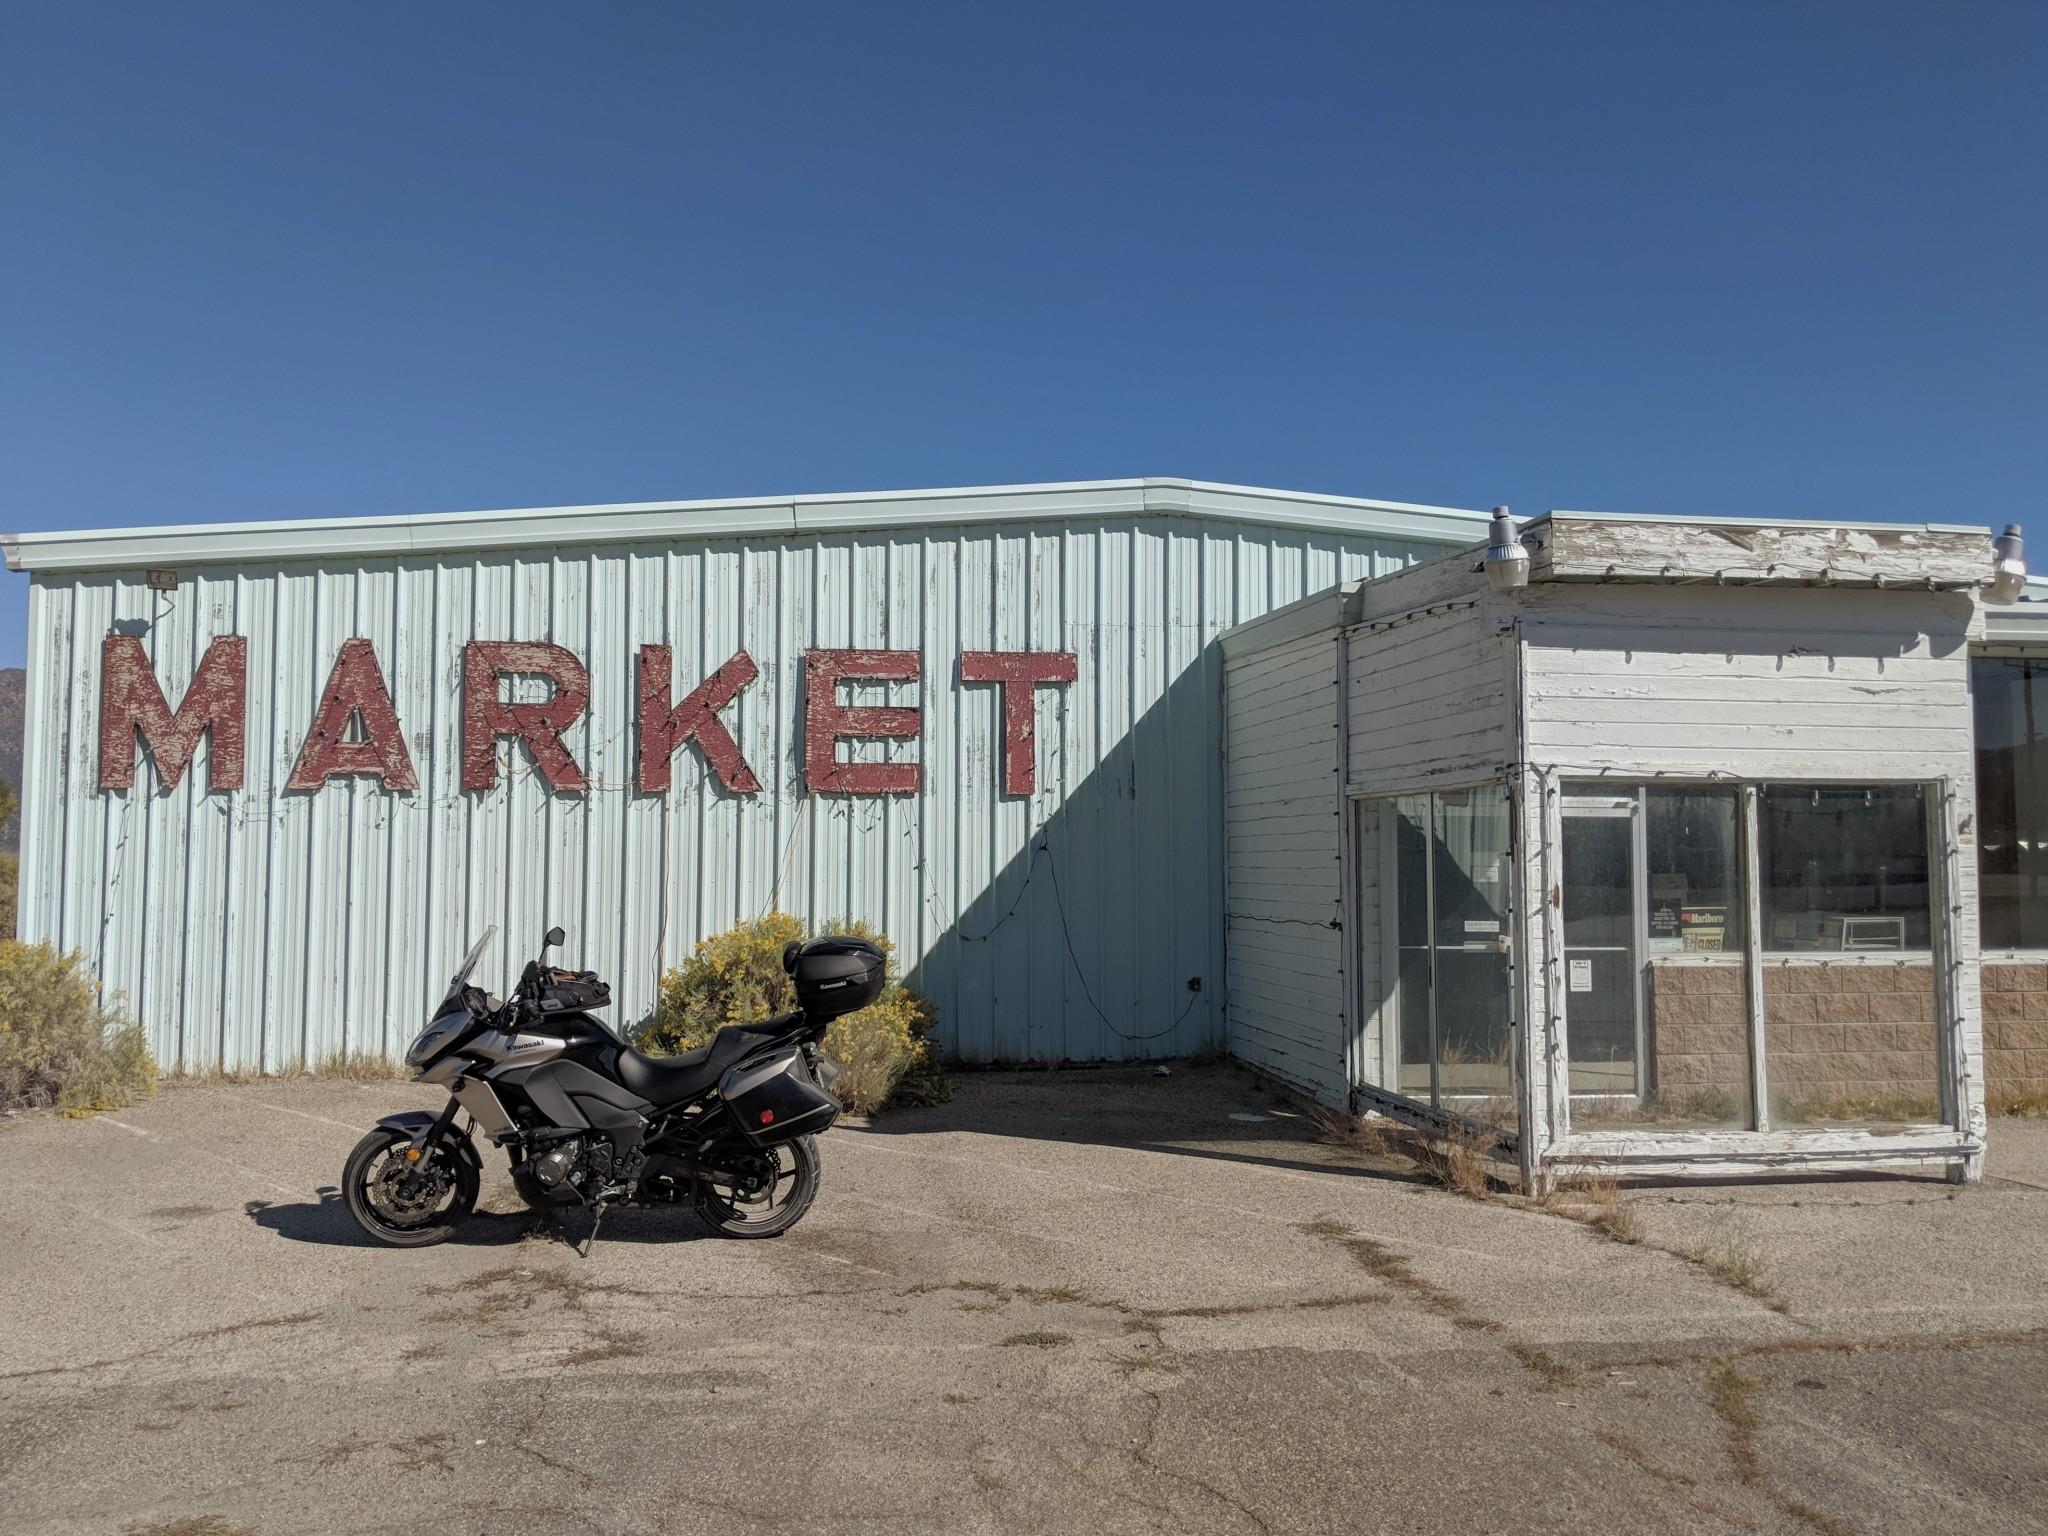 Un supermercato abbandonato ai limiti dell'abitato di Bridgeport si presta perfettamente per una foto che ricrei una certa immagine dell'America. Uno sfondo ideale per una foto alla Kawasaki Versys 1000.